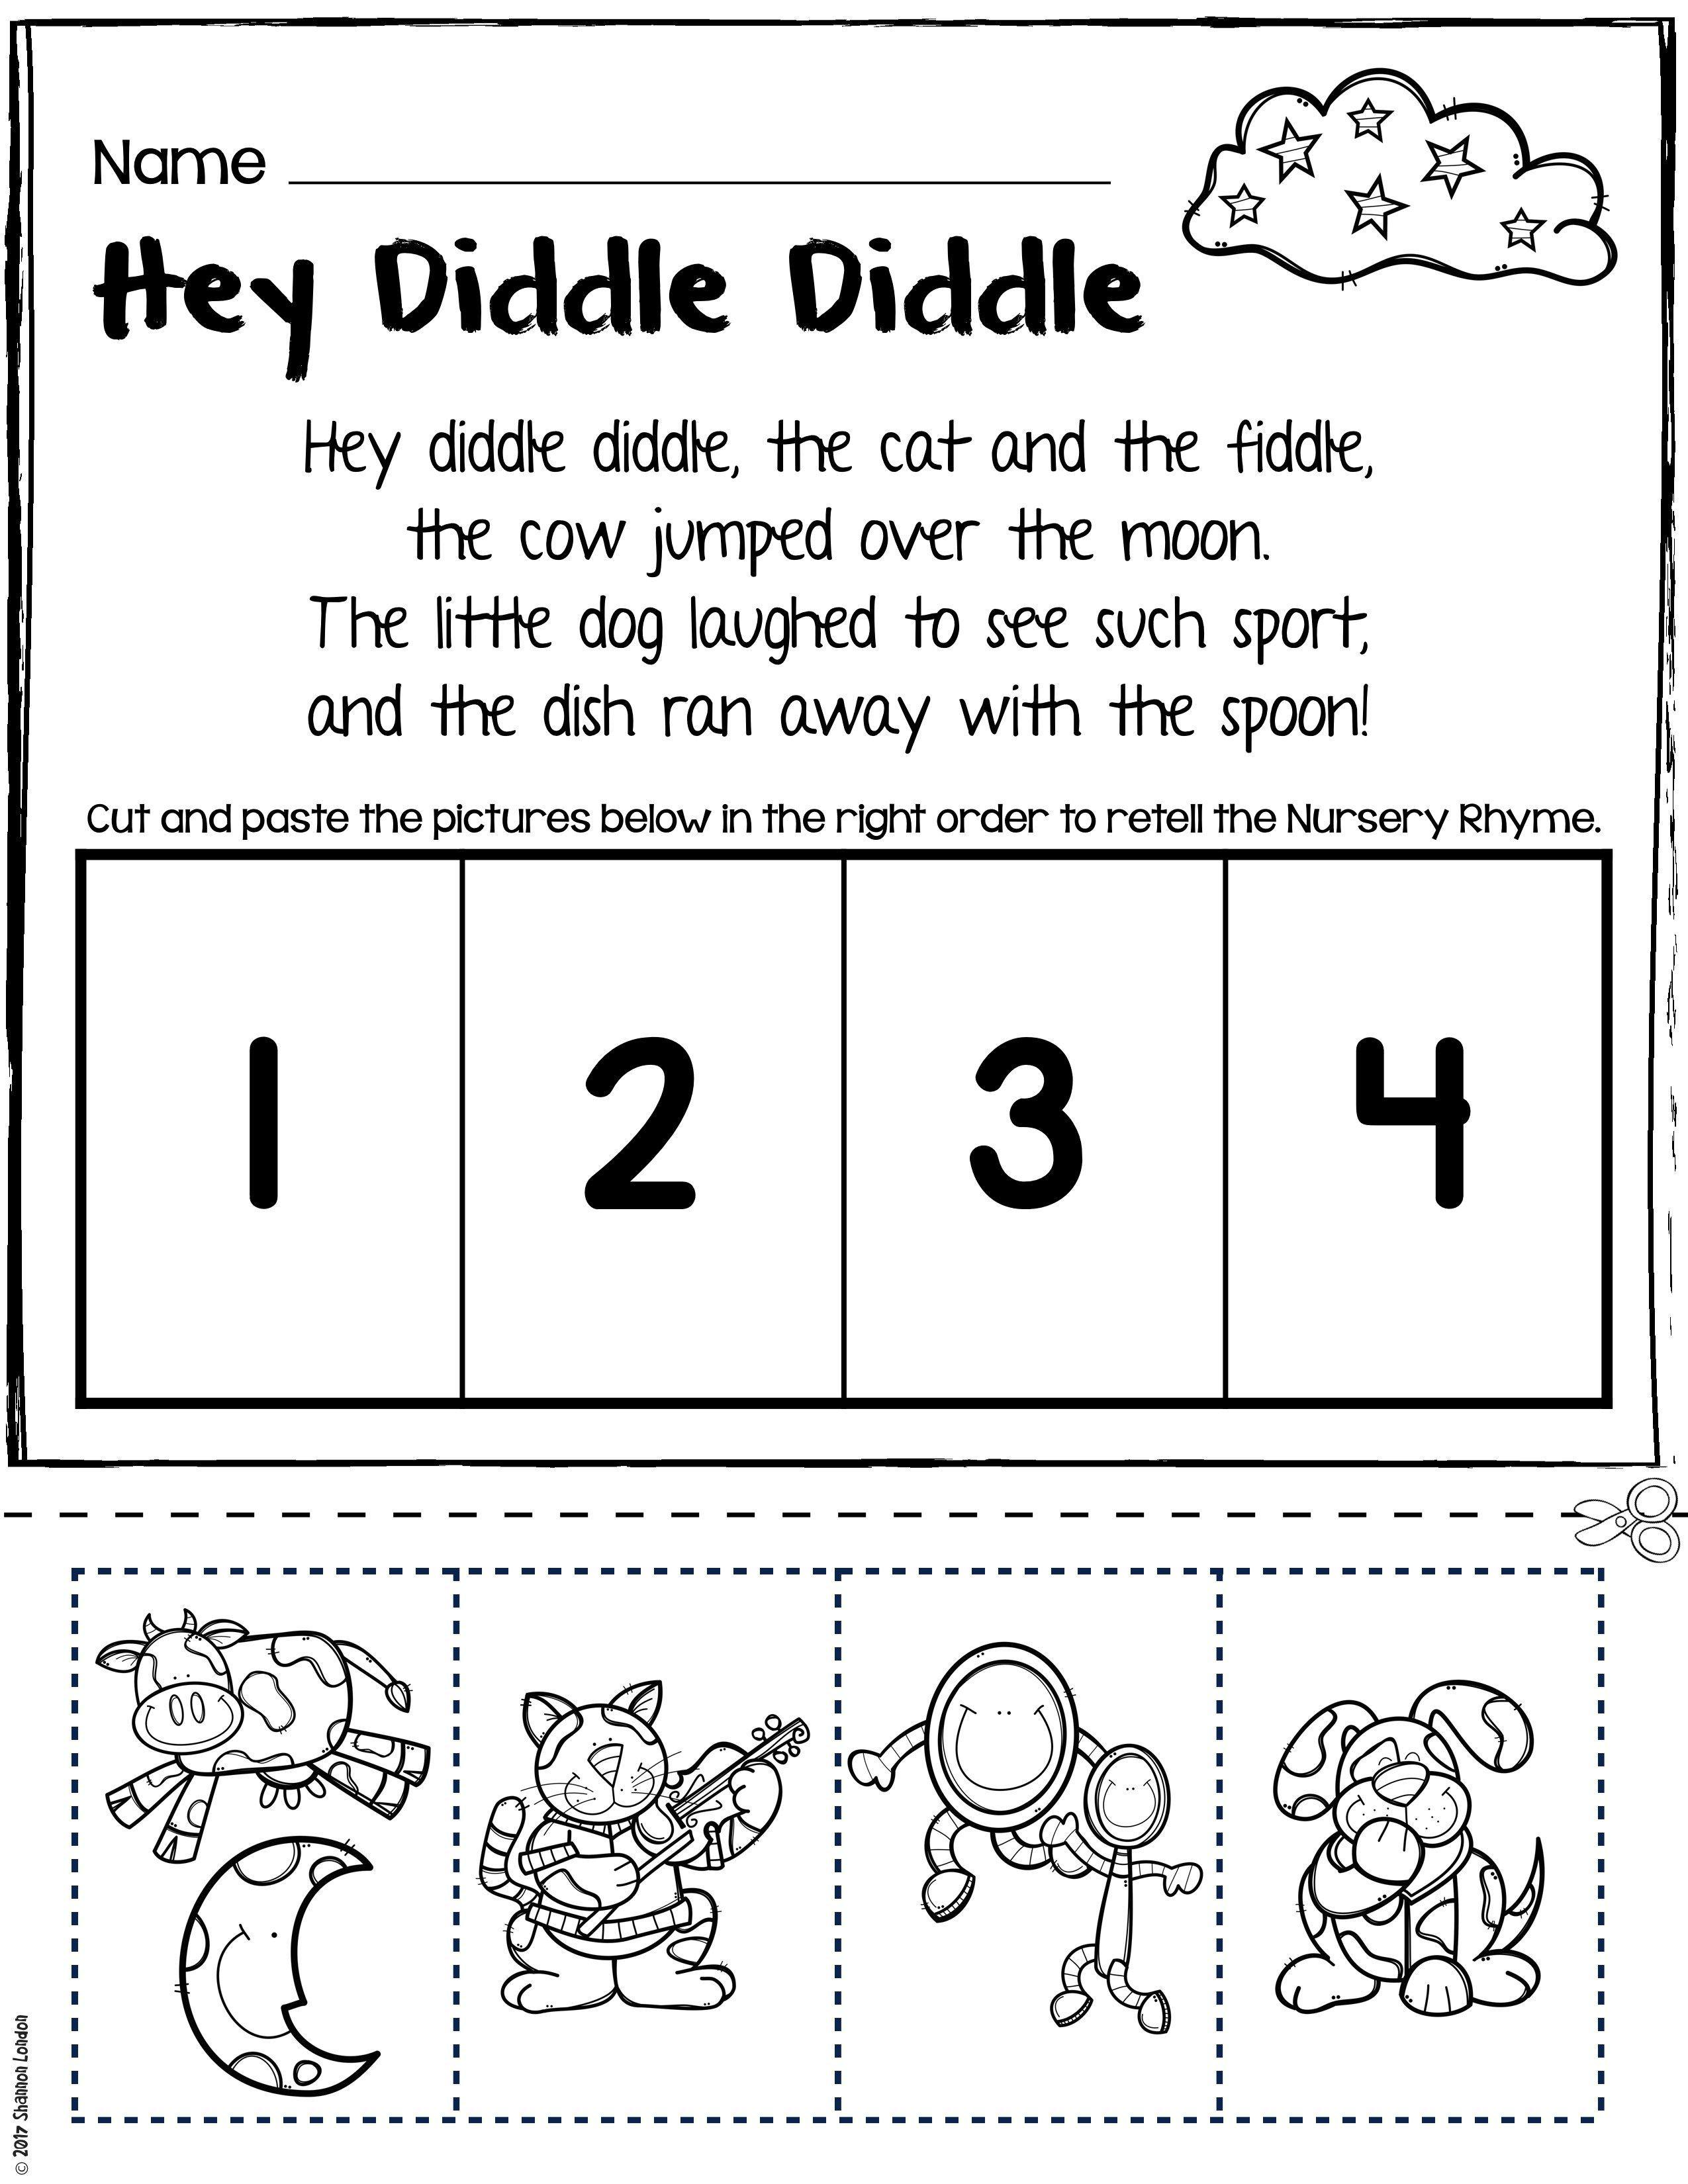 Nursery Rhyme Retelling Worksheets Unsecured 001